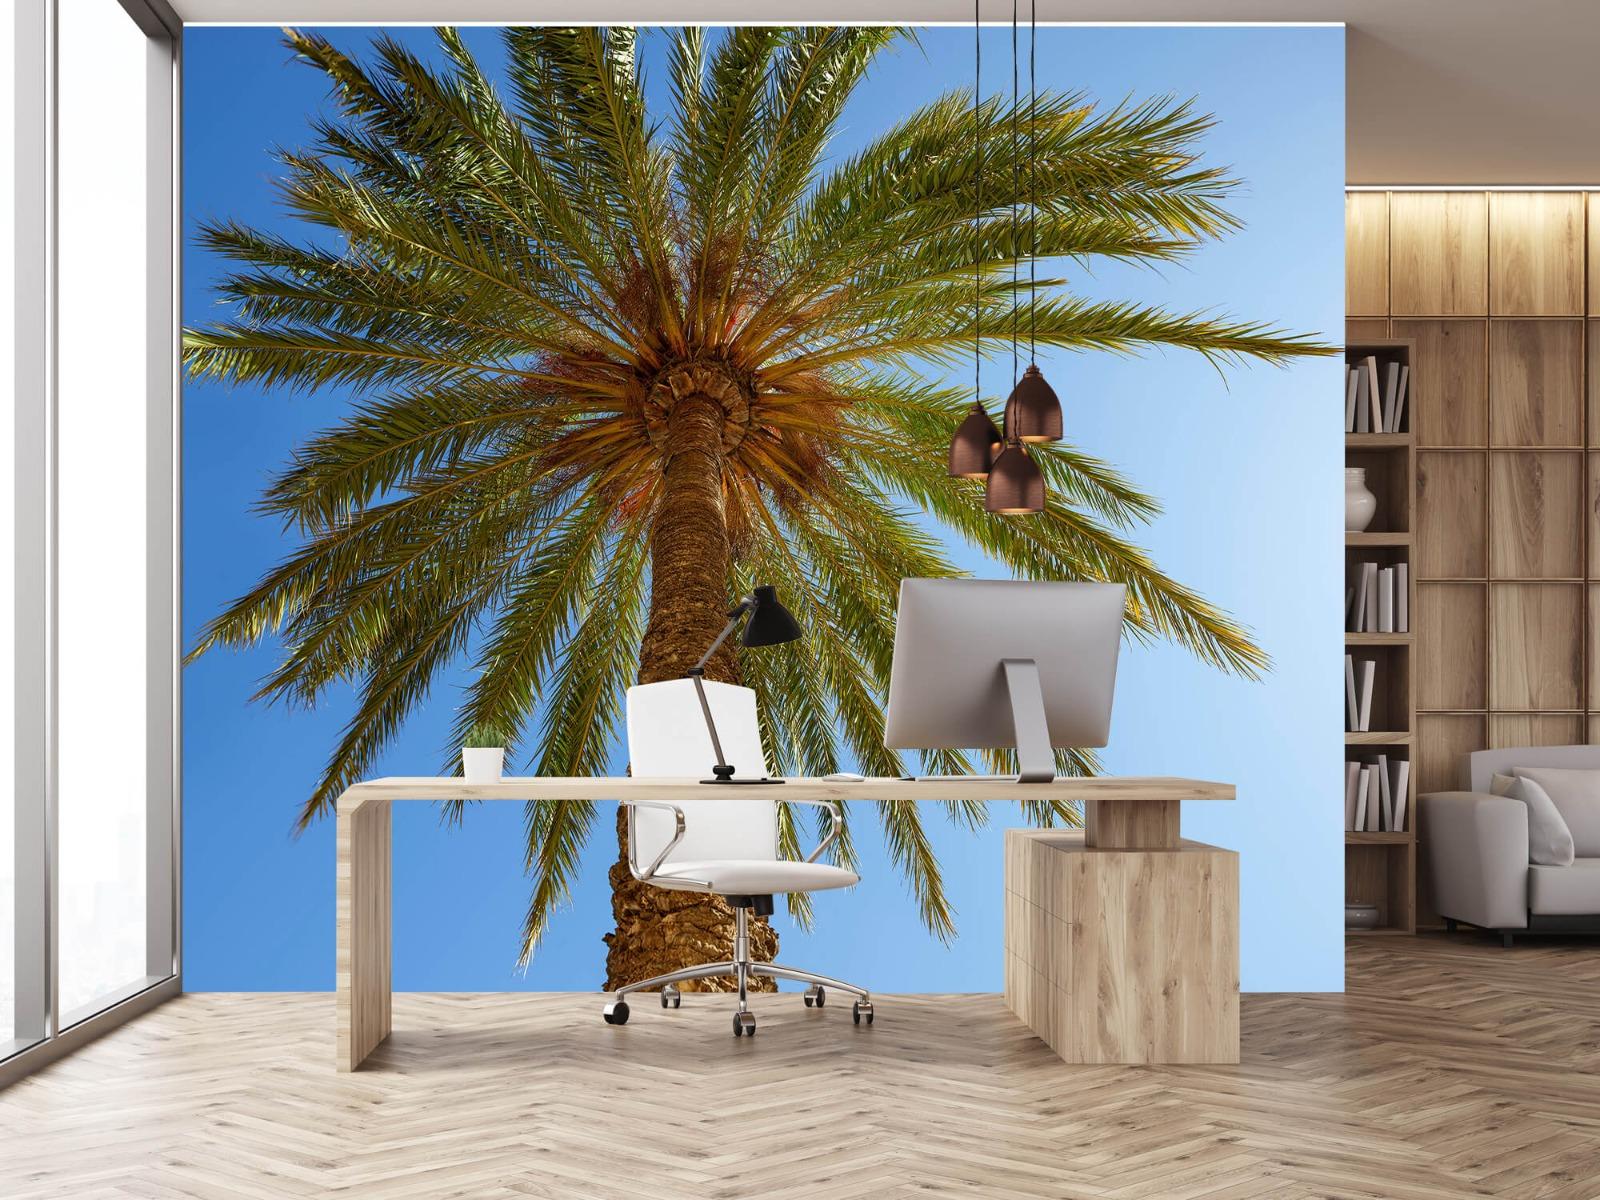 Palmbomen - Gedetailleerde Palmboom - Slaapkamer 24